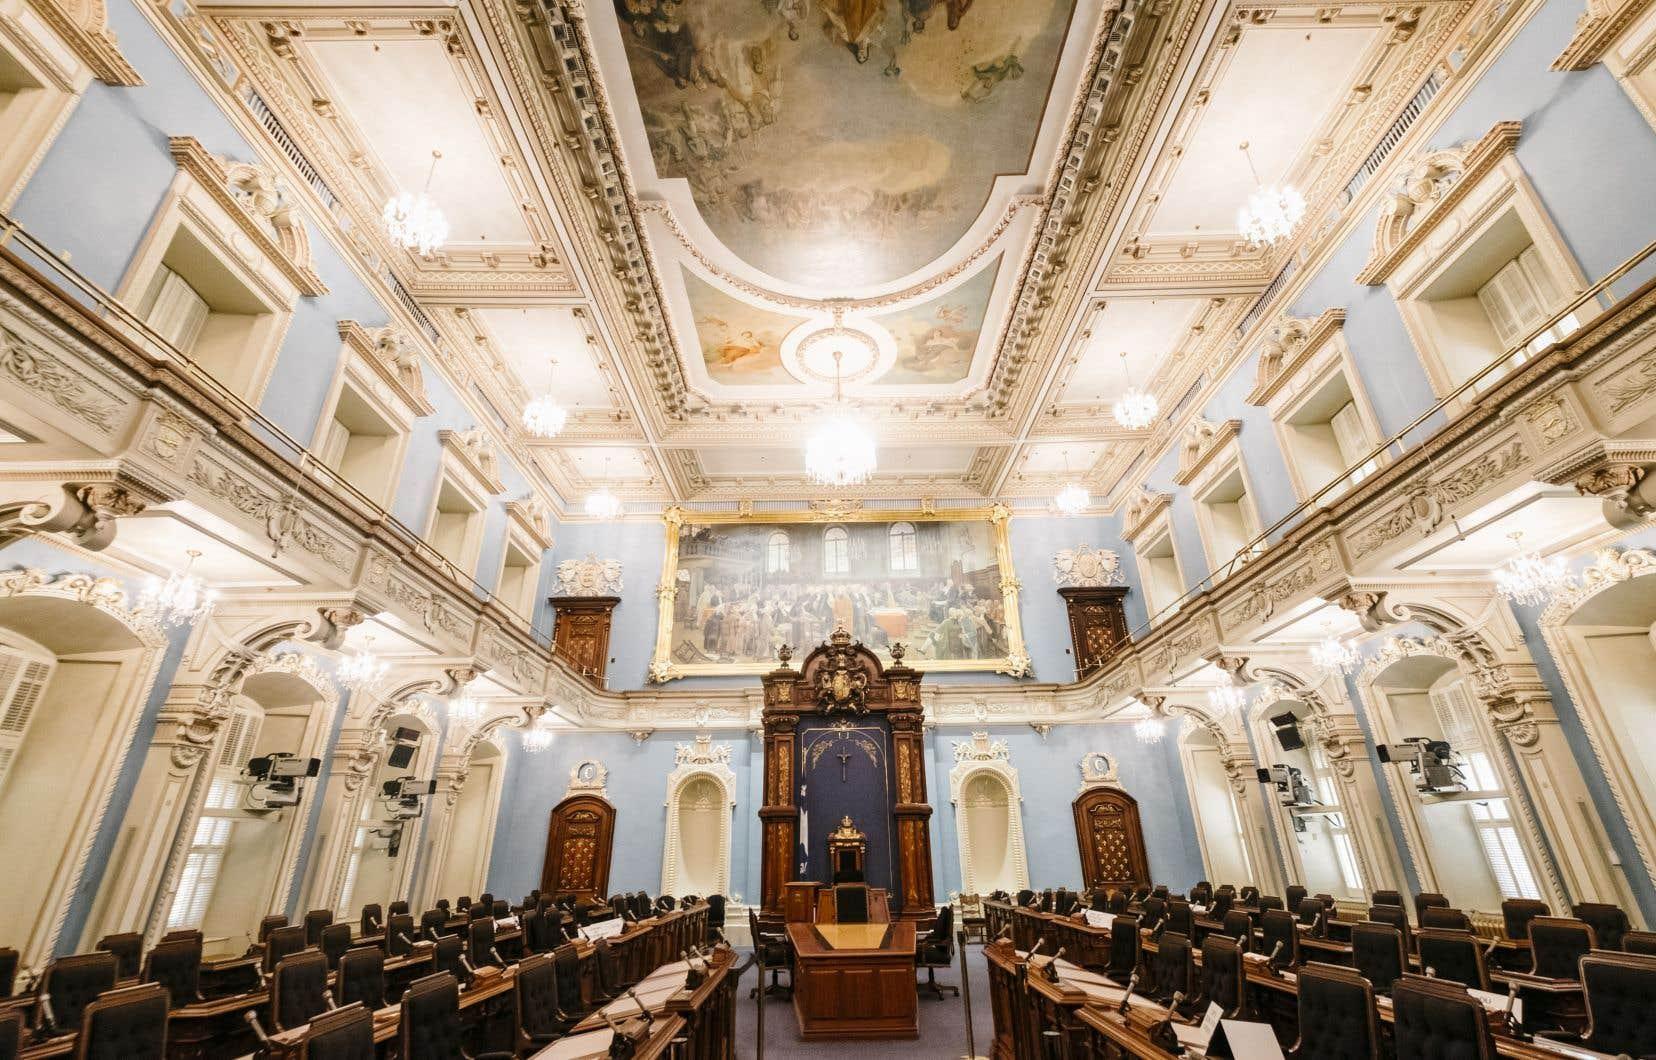 En 1936, Maurice Duplessis fait accrocher un crucifix au-dessus du fauteuil du président de l'assemblée législative afin d'affirmer le caractère catholique de la «Province».